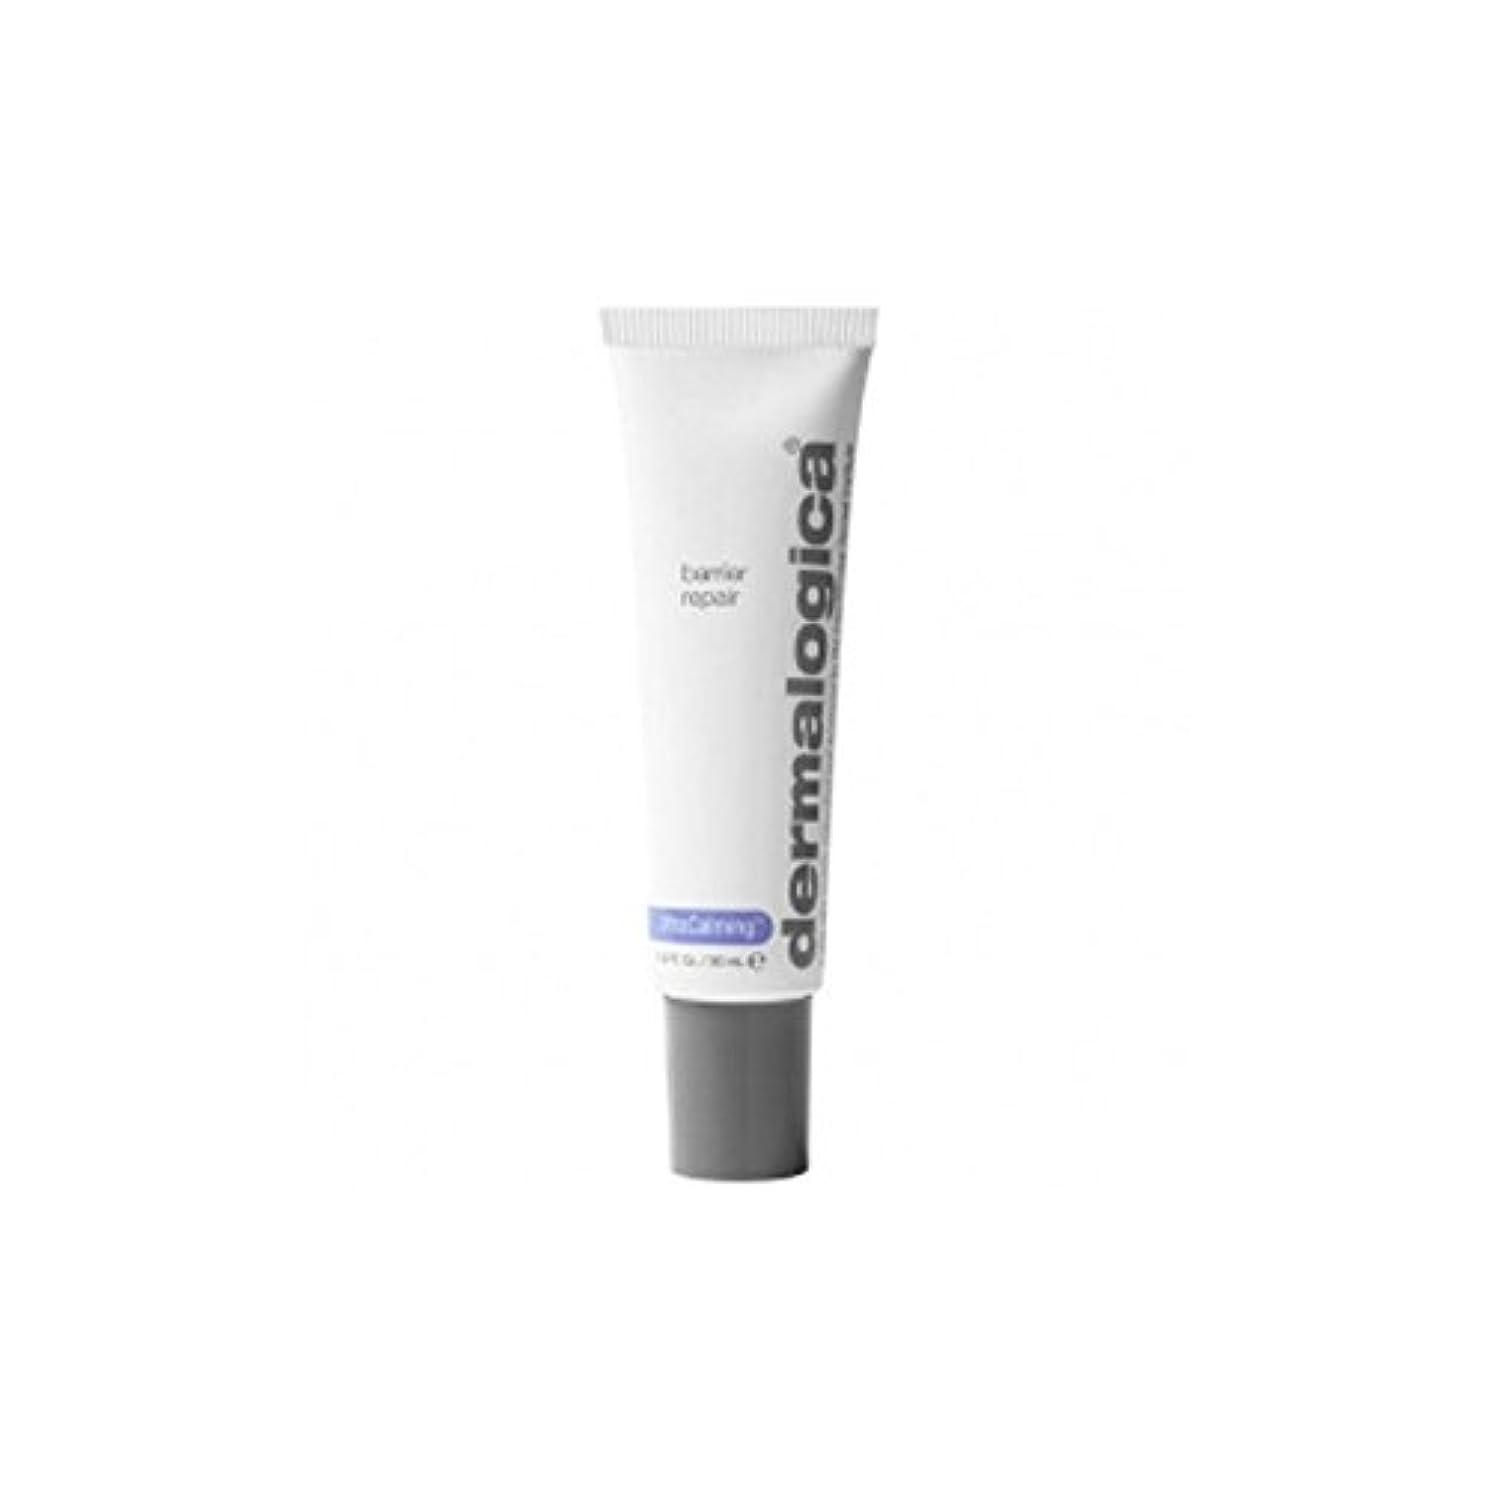 耐久メーカーアイデアダーマロジカバリアリペア(30ミリリットル) x4 - Dermalogica Ultracalming Barrier Repair (30ml) (Pack of 4) [並行輸入品]